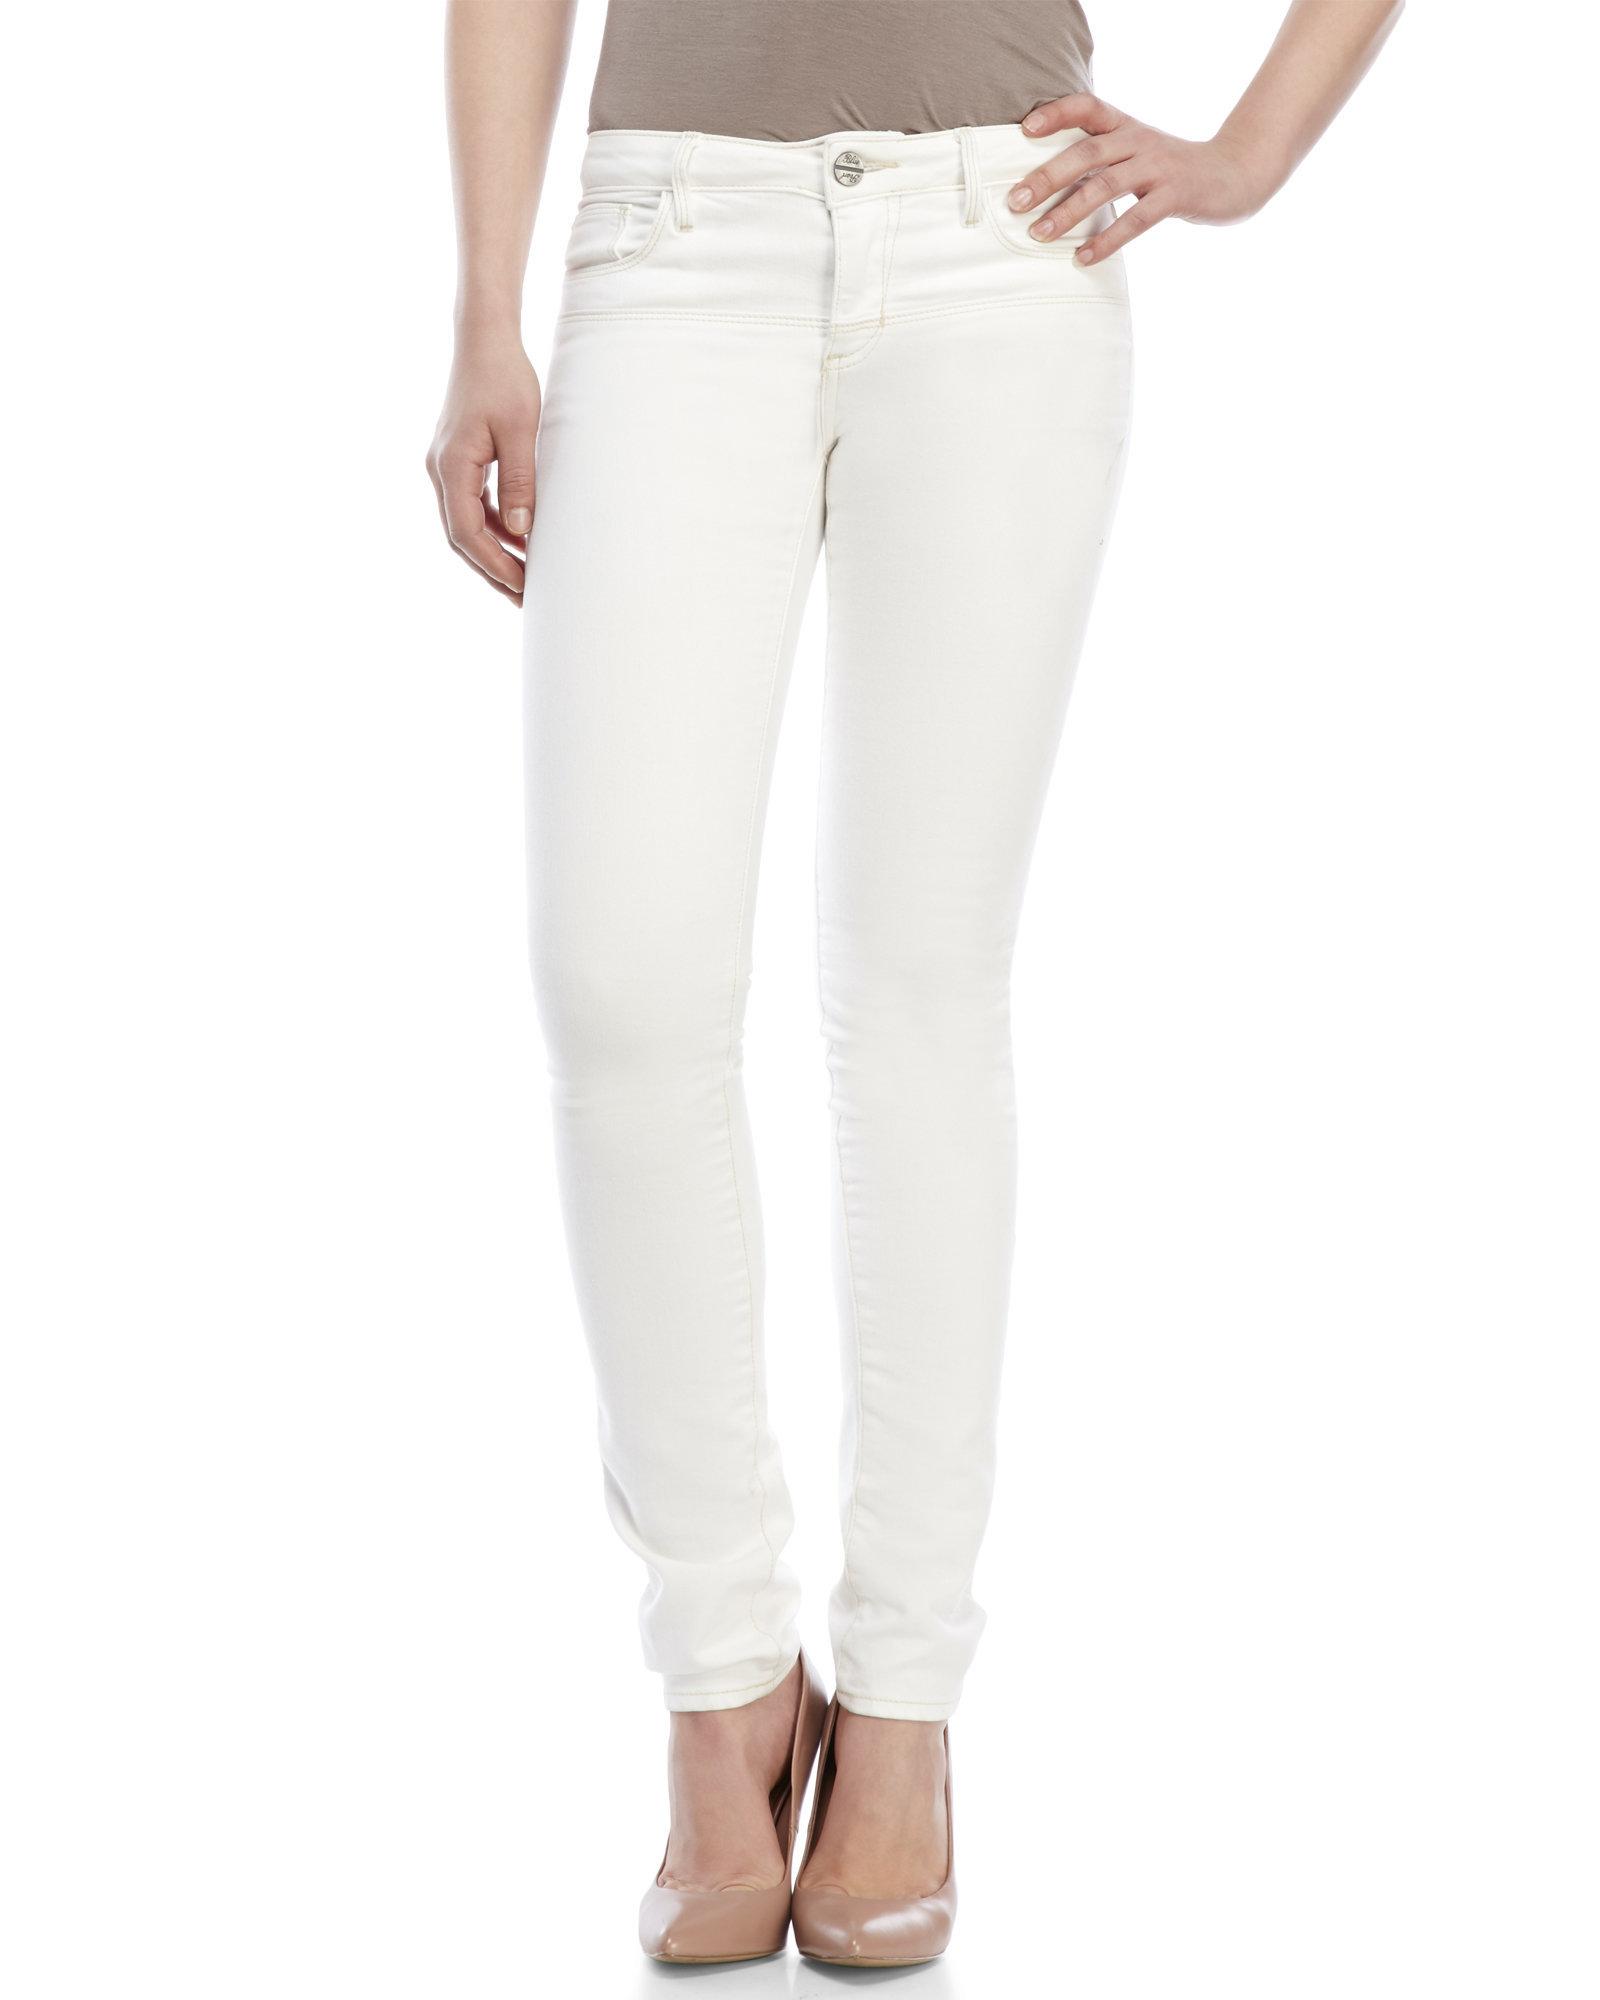 Abs by allen schwartz Off-White Skinny Jeans in White | Lyst